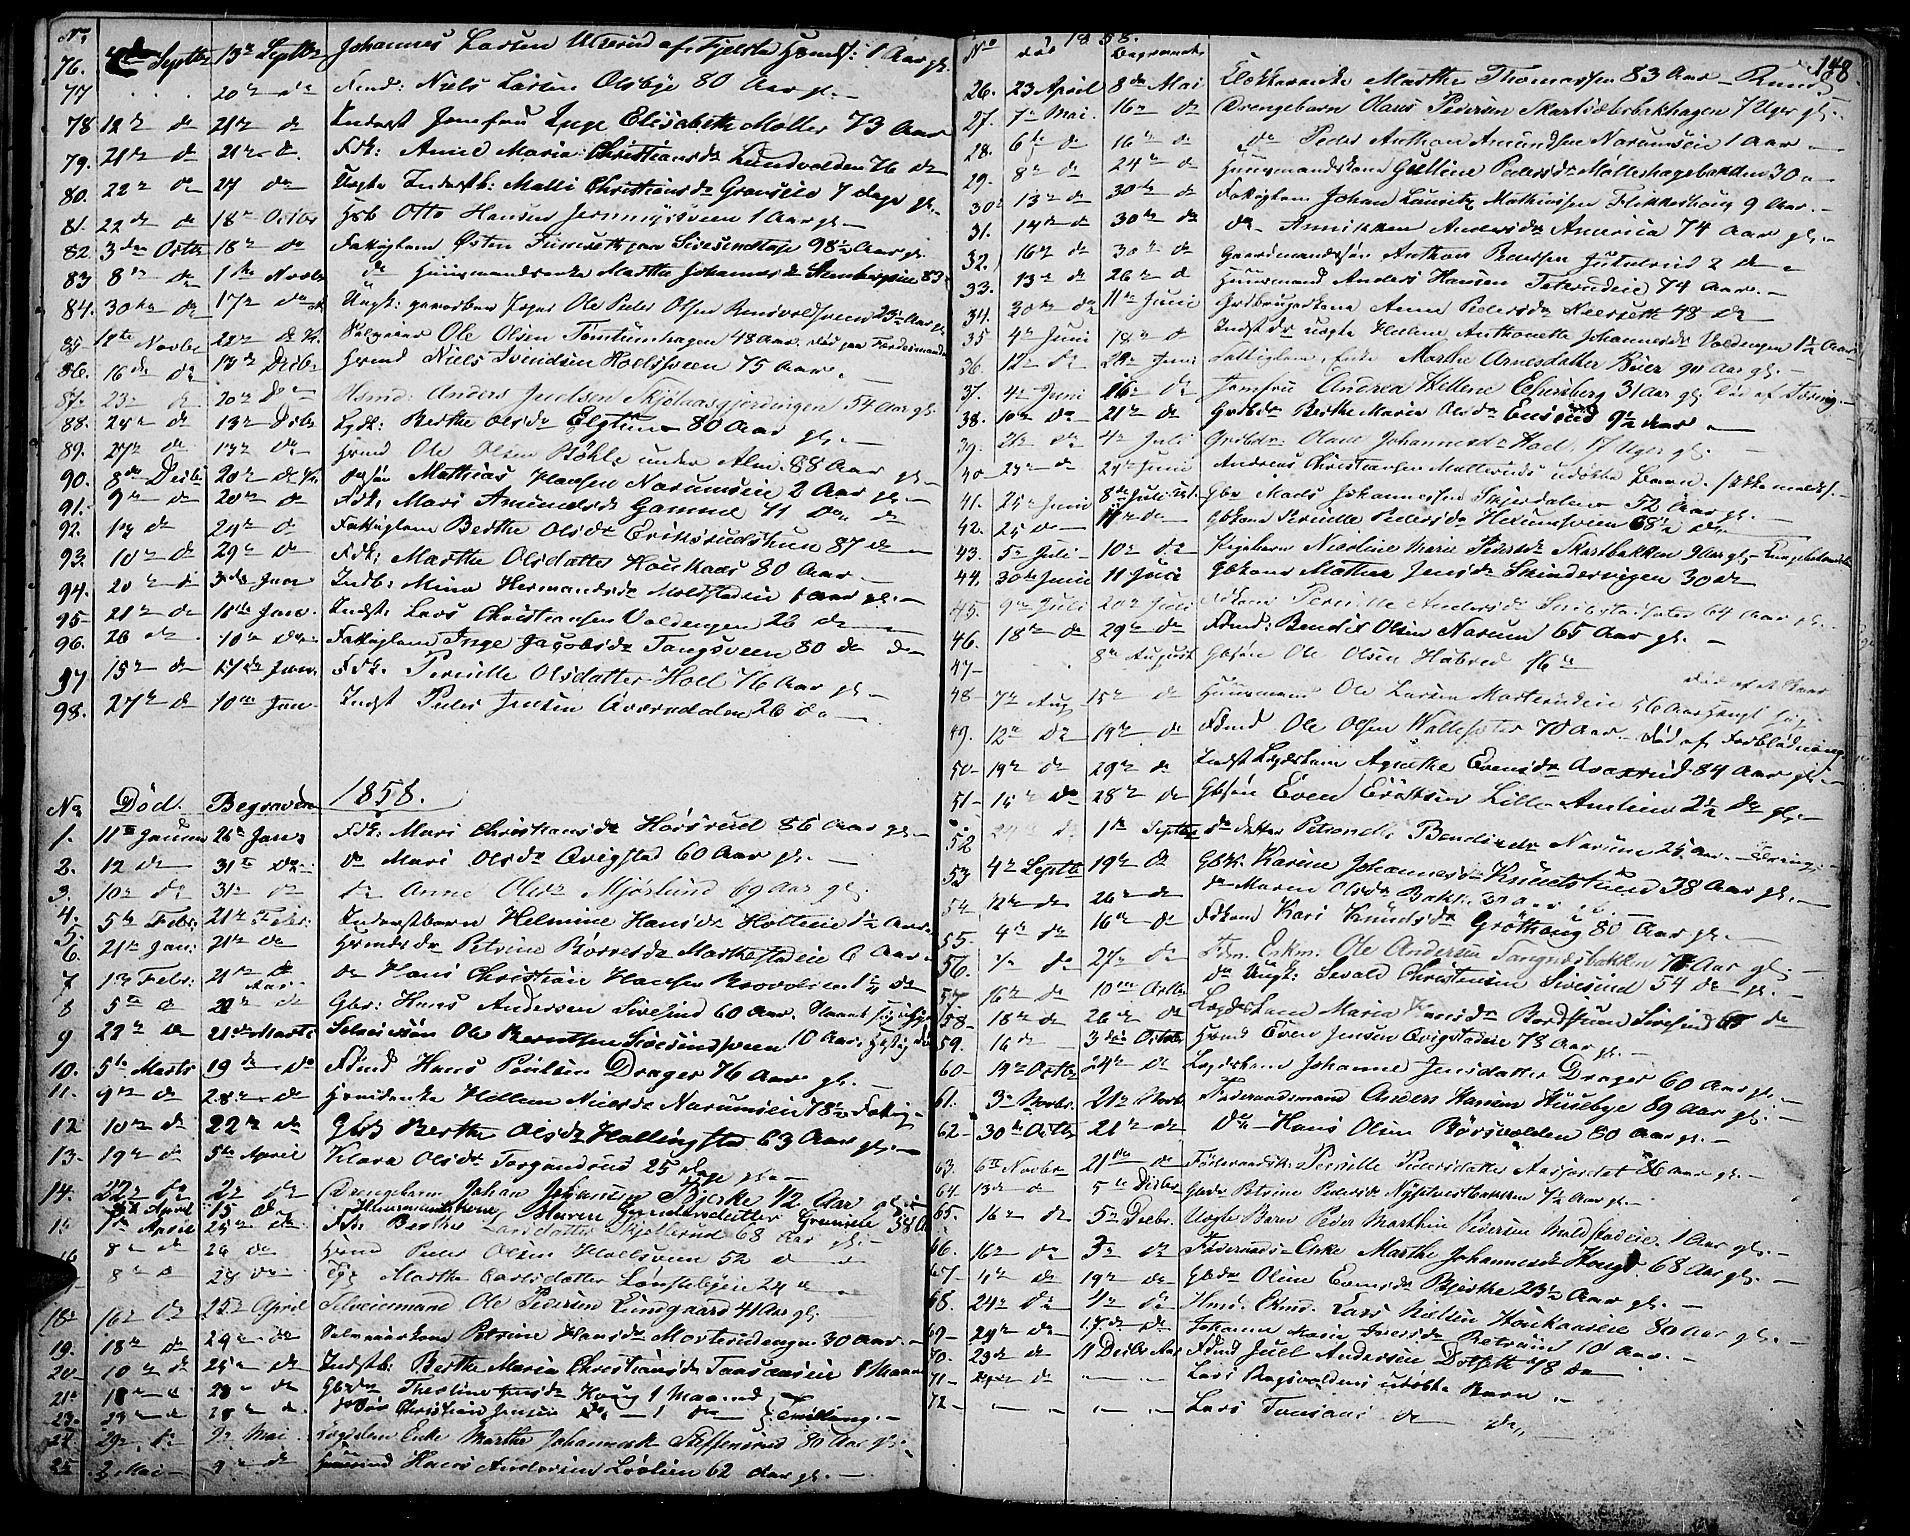 SAH, Vestre Toten prestekontor, H/Ha/Hab/L0005: Klokkerbok nr. 5, 1854-1870, s. 148